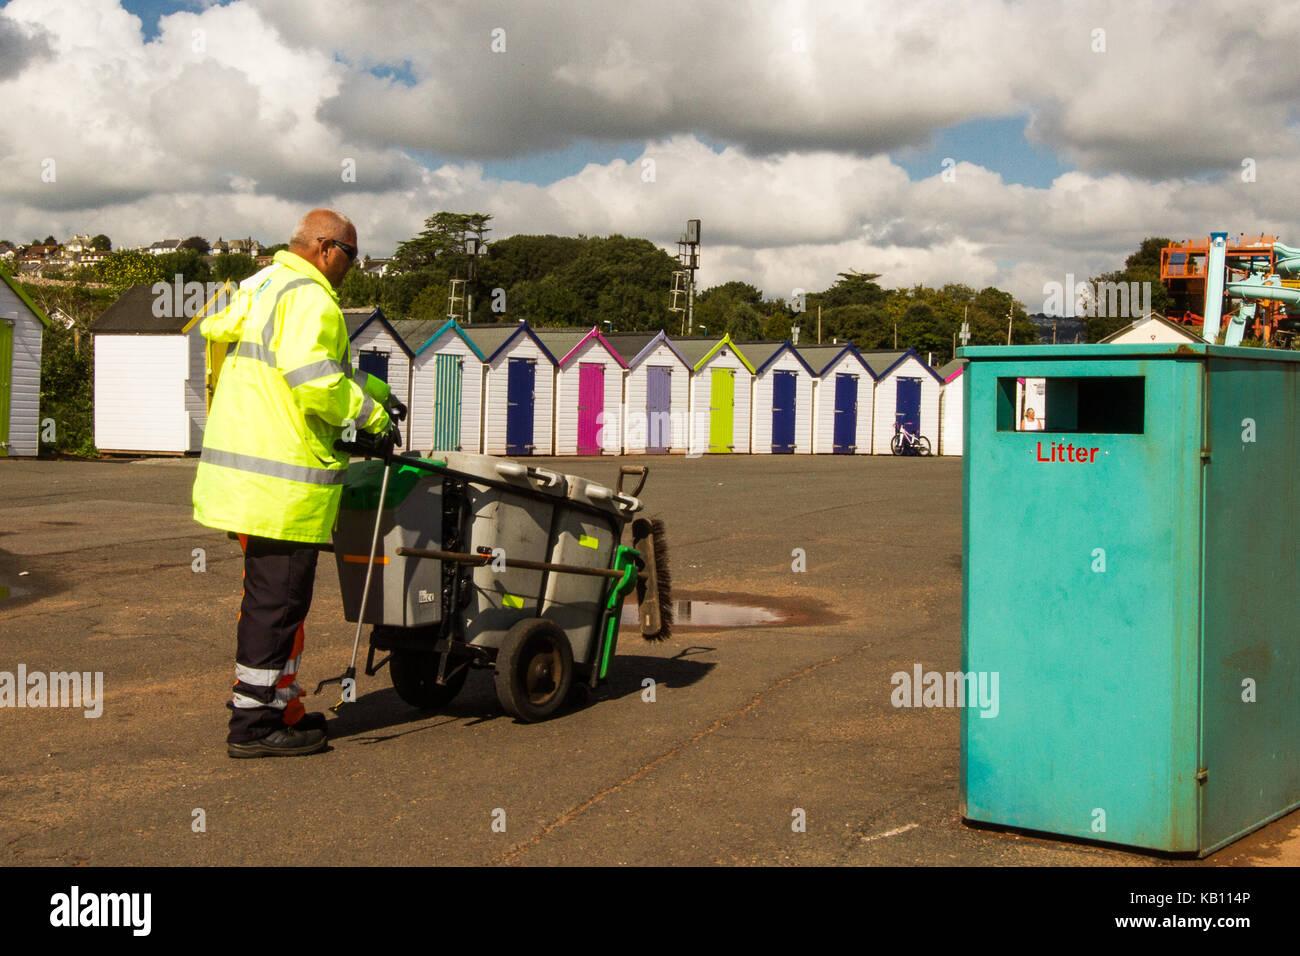 Seaside Beach spazzatura raccolta di lettiera, la gestione dei rifiuti Immagini Stock